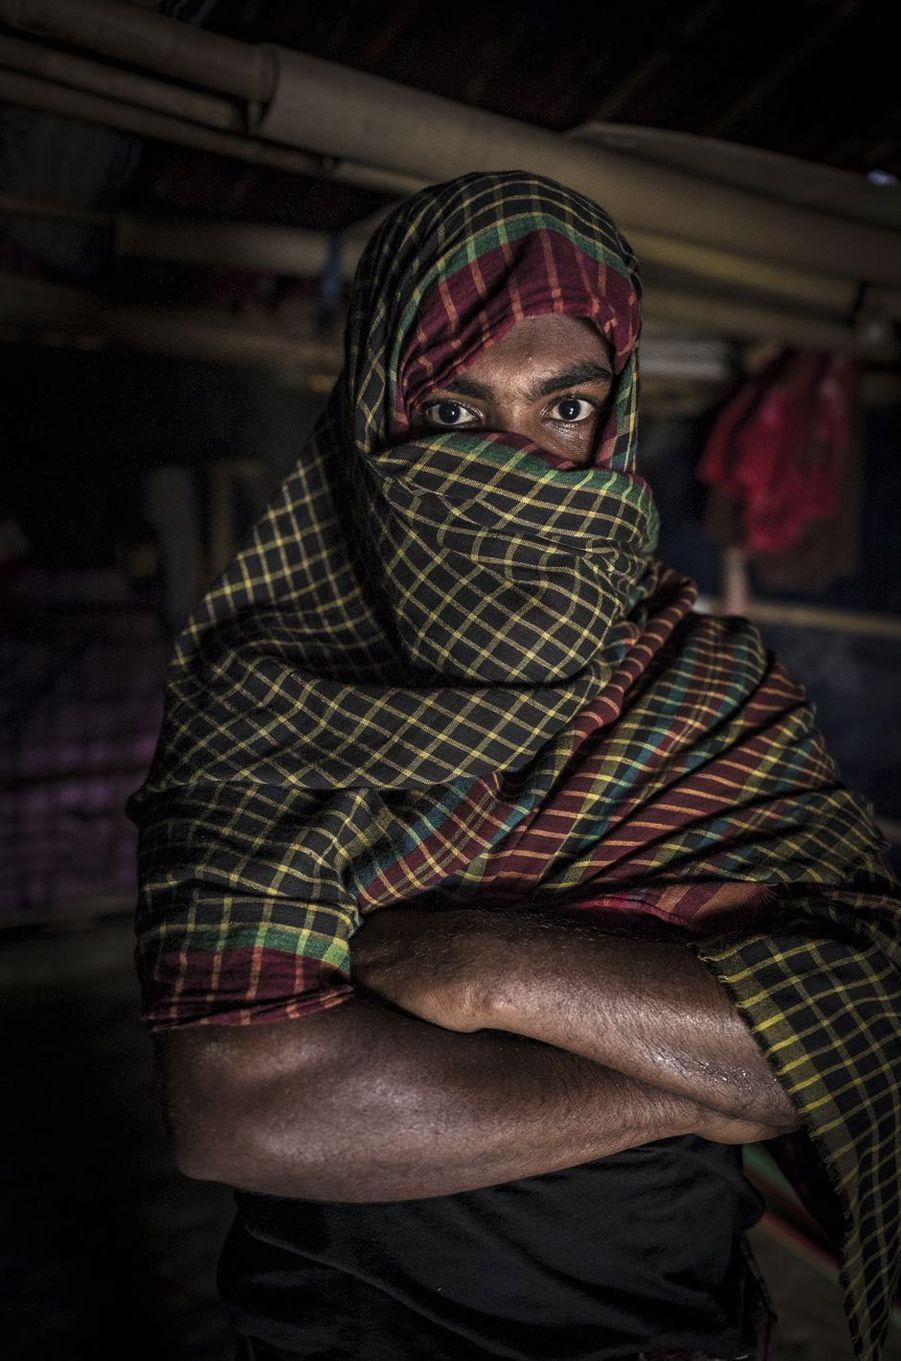 Ce militant de l'Armée du salut des Rohingyas de l'Arakan a participé aux attaques qui ont déclenché les représailles de l'armée birmane en août 2017. Il se dit prêt à repartir au combat.